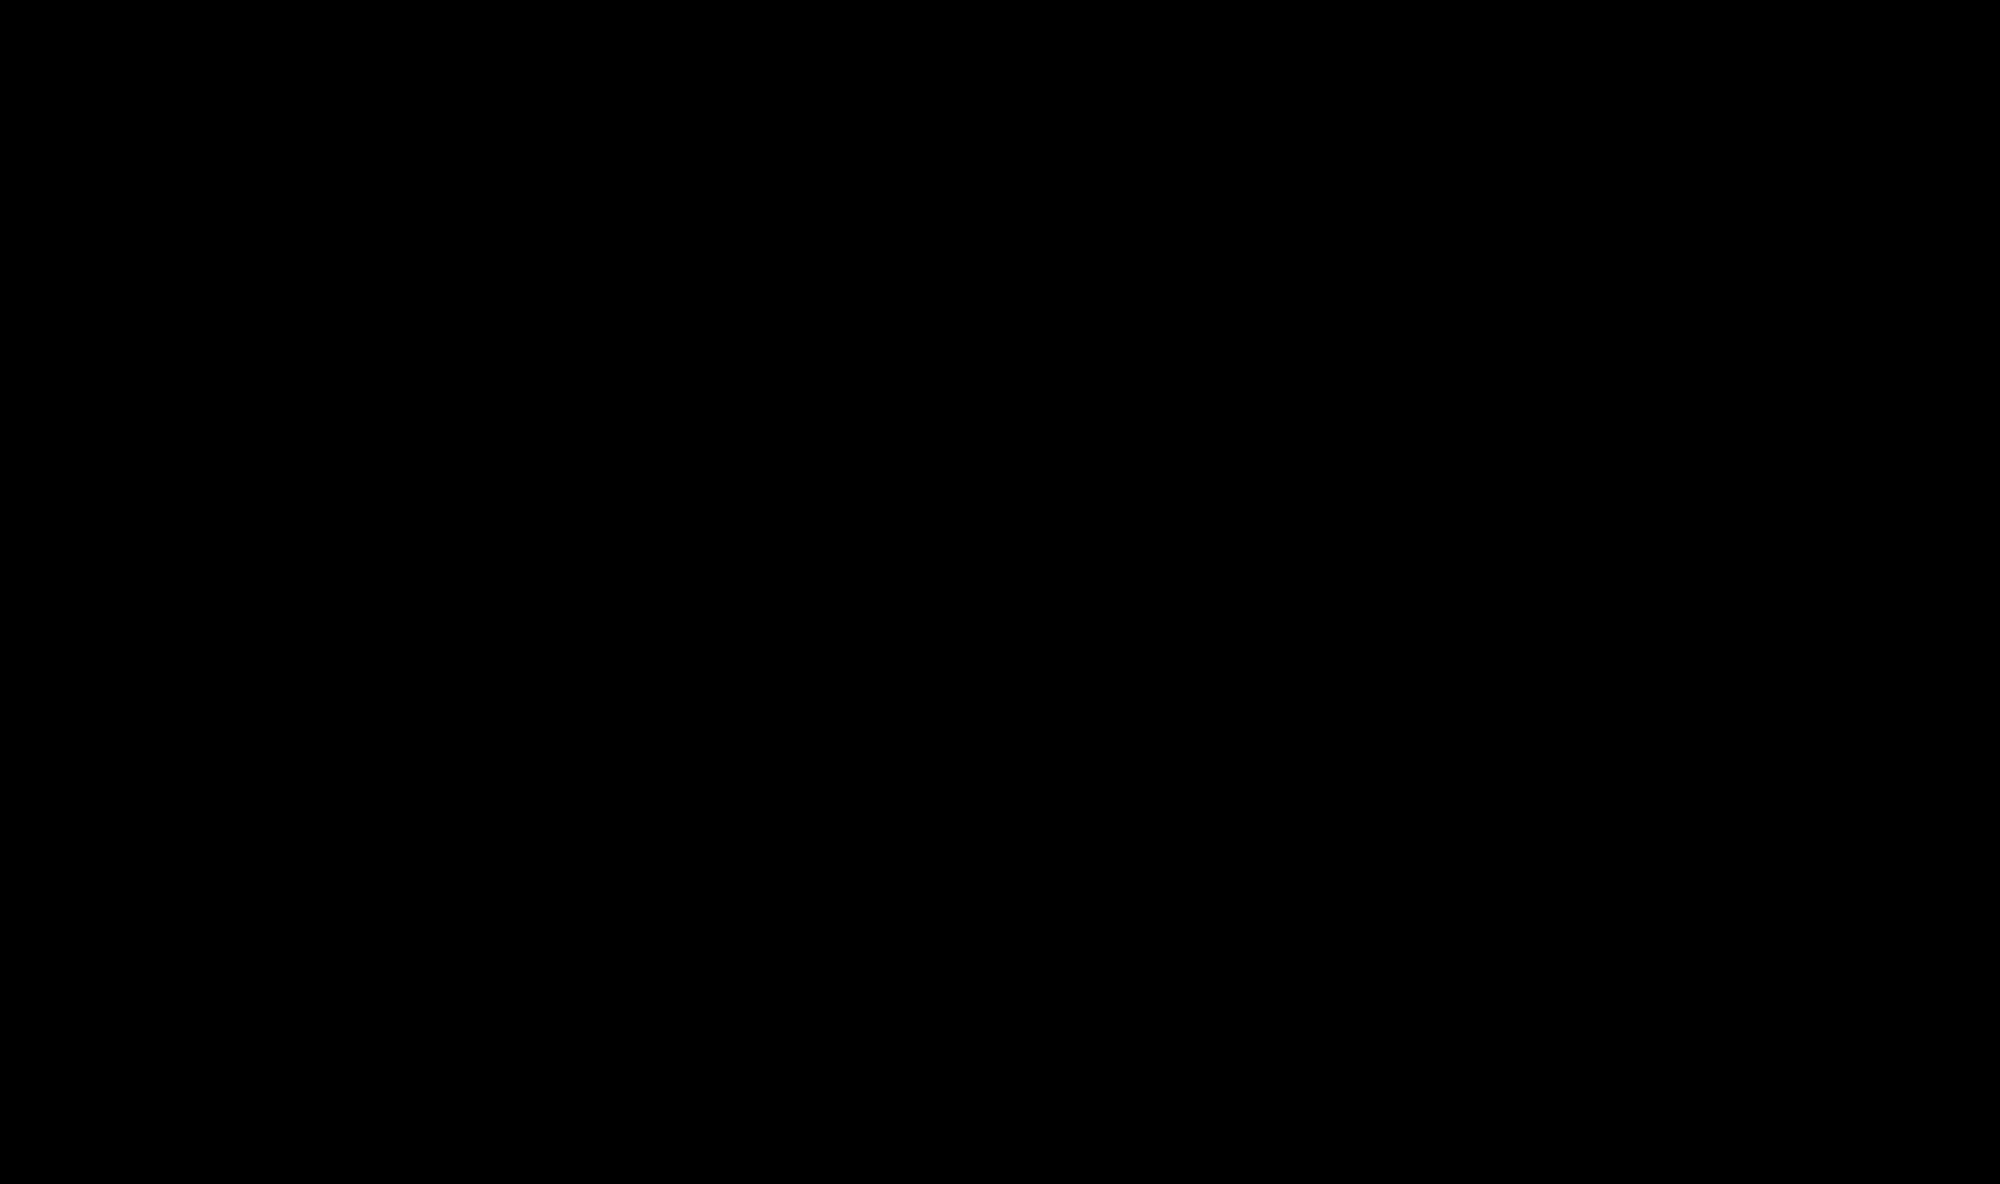 Soto de Viñuelas